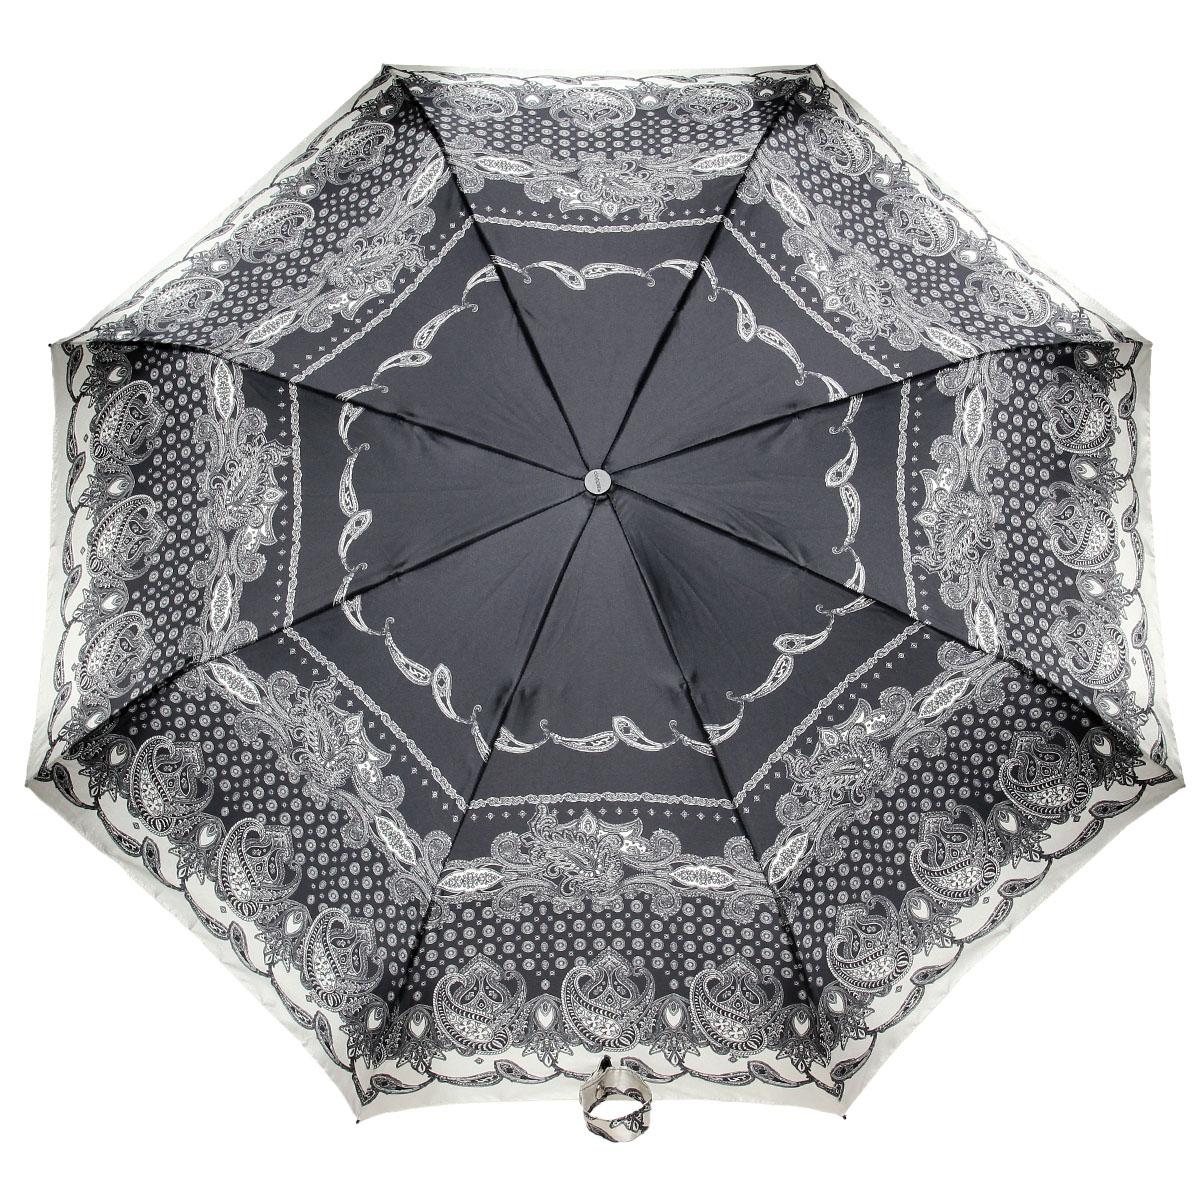 Зонт женский Doppler, автомат, 3 сложения, цвет: черный, слоновая кость. 74665GFGF74665GFGFСтильный автоматический зонт Doppler в 3 сложения даже в ненастную погоду позволит вам оставаться стильной и элегантной. Каркас зонта из стали состоит из восьми карбоновых спиц, оснащен удобной рукояткой. Зонт имеет автоматический механизм сложения: купол открывается и закрывается нажатием кнопки на рукоятке, стержень складывается вручную до характерного щелчка, благодаря чему открыть и закрыть зонт можно одной рукой, что чрезвычайно удобно при входе в транспорт или помещение. Купол зонта выполнен из прочного сатина и оформлен изображением оригинального орнамента. Закрытыый купол фиксируется хлястиком на кнопке. На рукоятке для удобства есть небольшой шнуро-петляк, позволяющий надеть зонт на руку тогда, когда это будет необходимо. К зонту прилагается чехол.